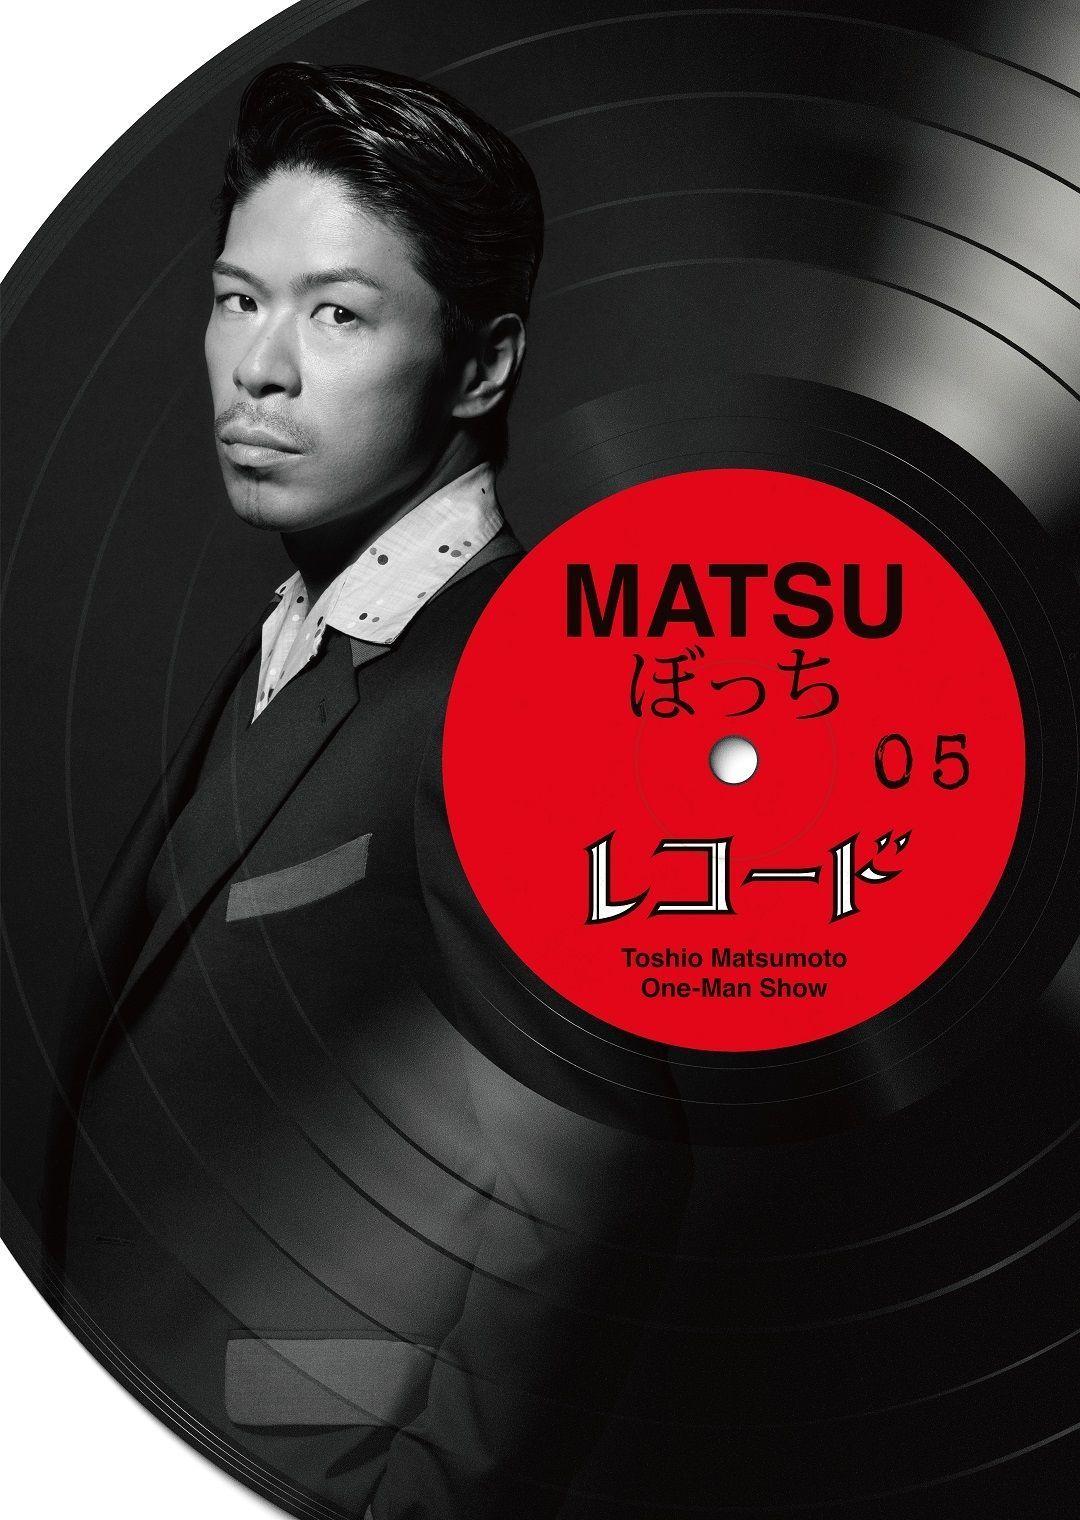 松本利夫ワンマンSHOW『MATSUぼっち05』×ジーンズメイト